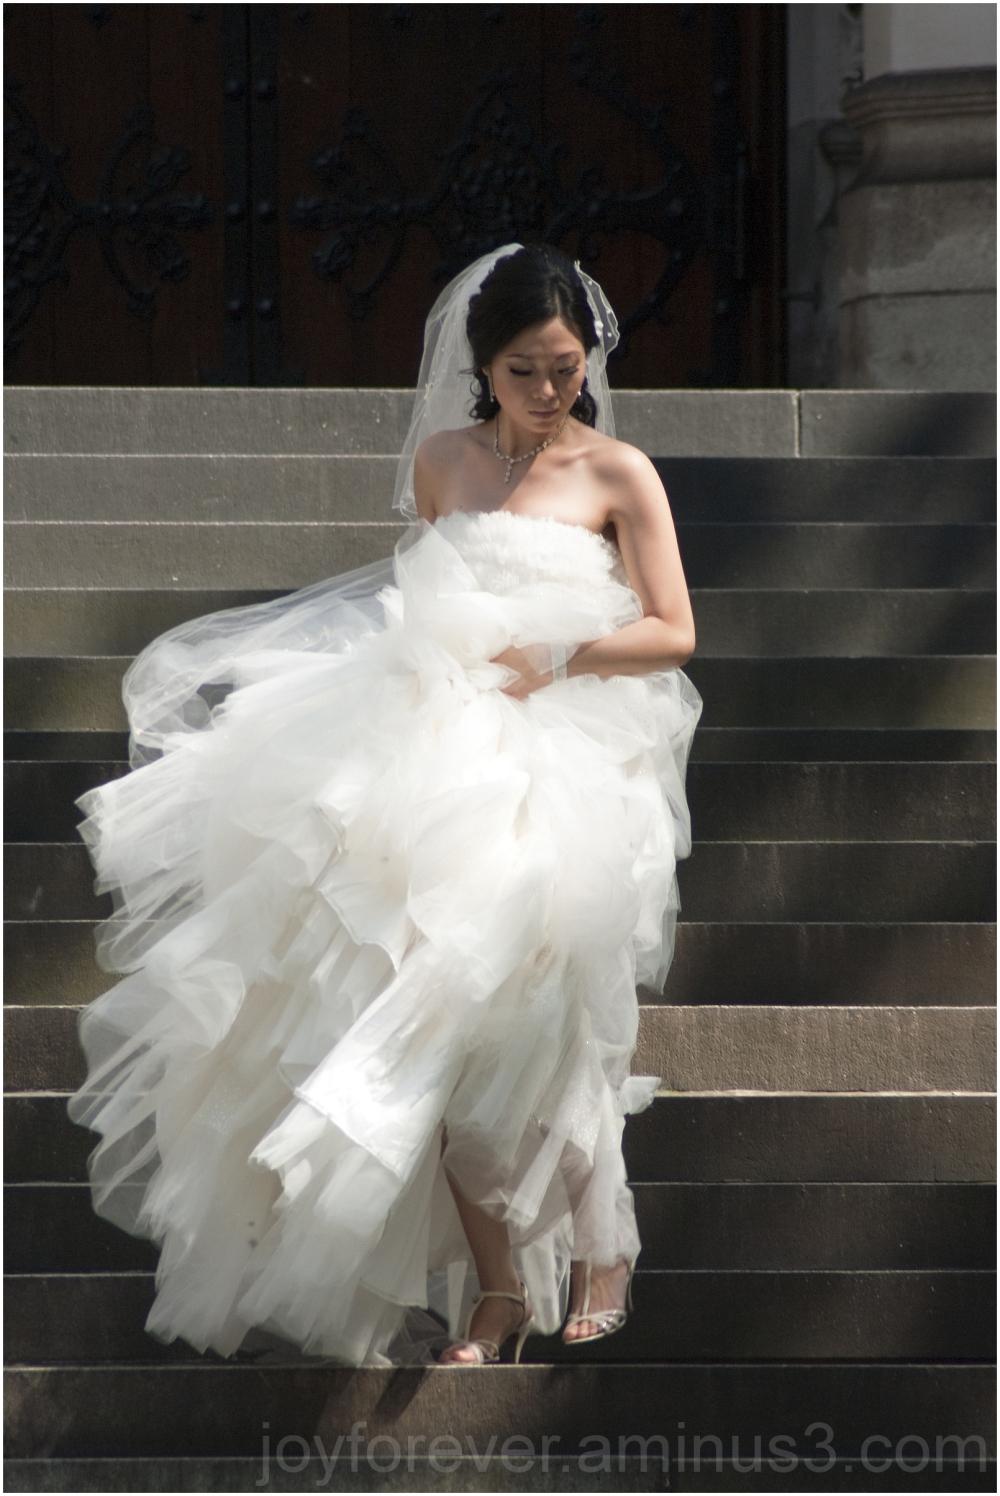 bride woman candid wedding street portrait church